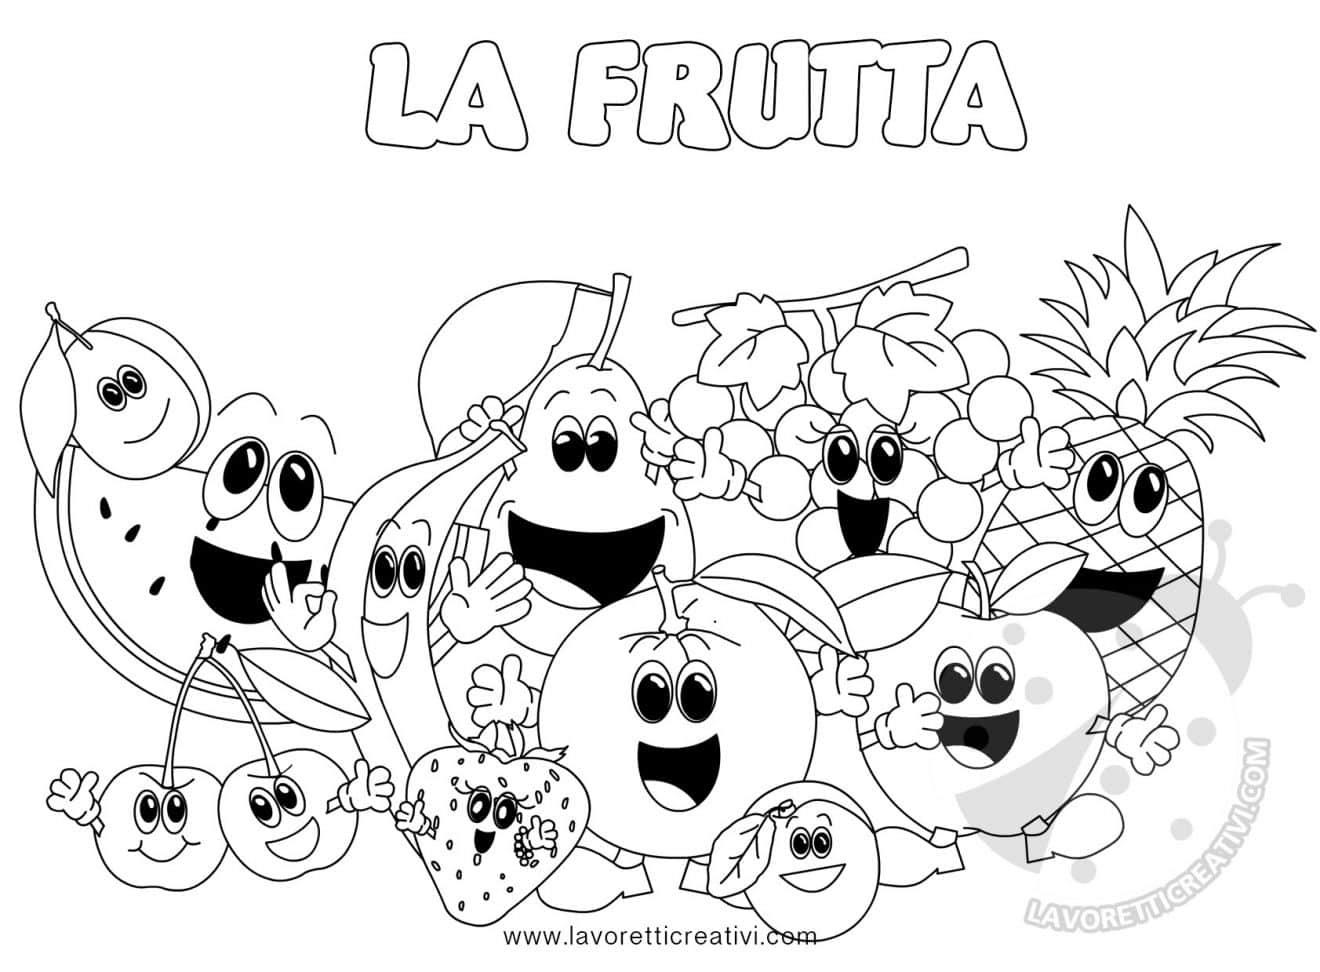 Lusso Canestra Di Frutta Disegno Da Colorare Migliori Pagine Da